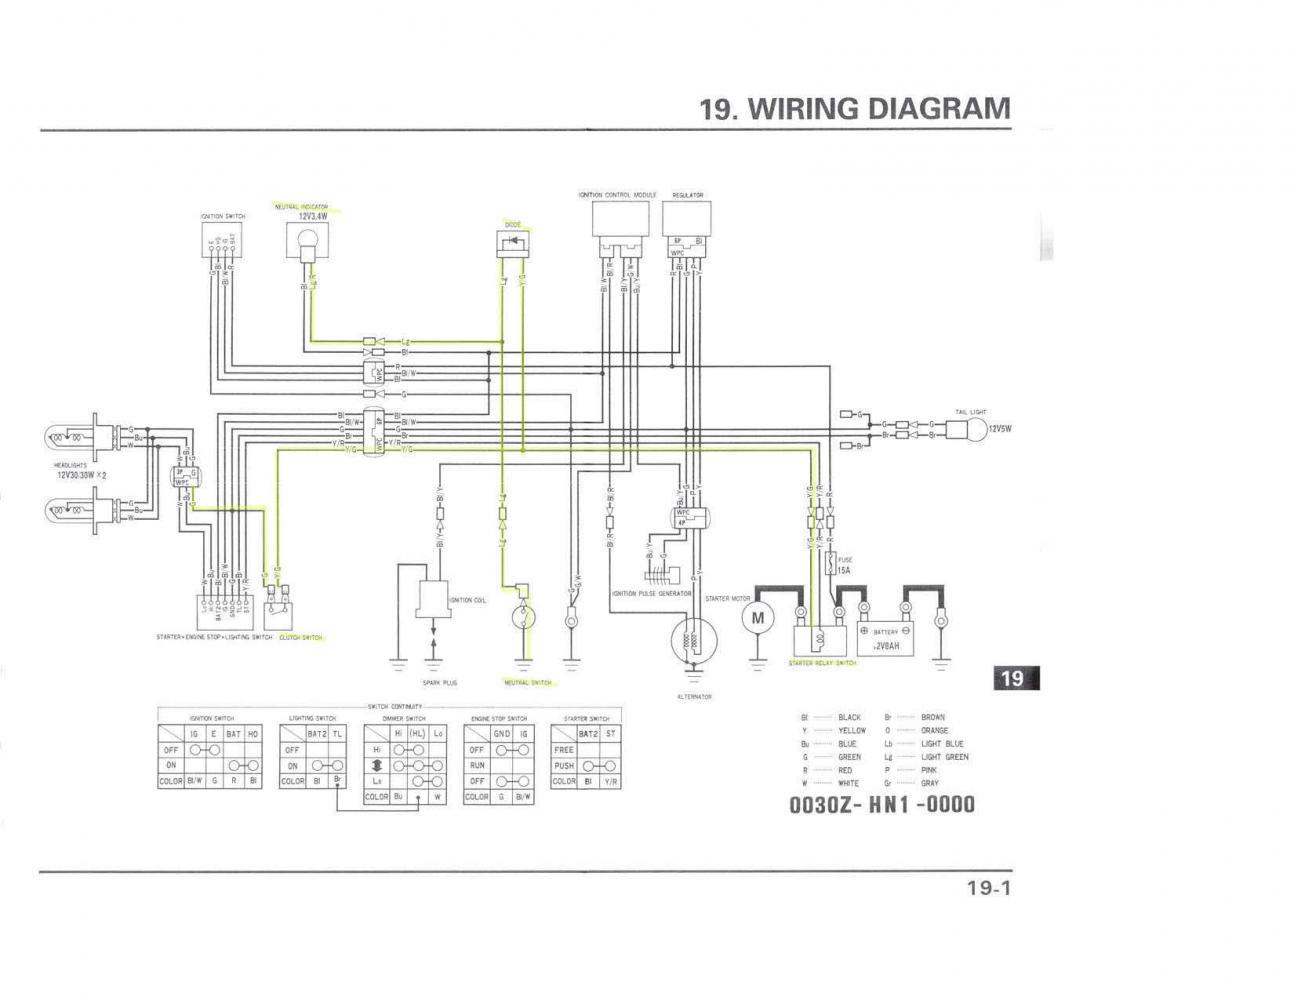 Wiring Diagram For 2004 Honda Recon Es